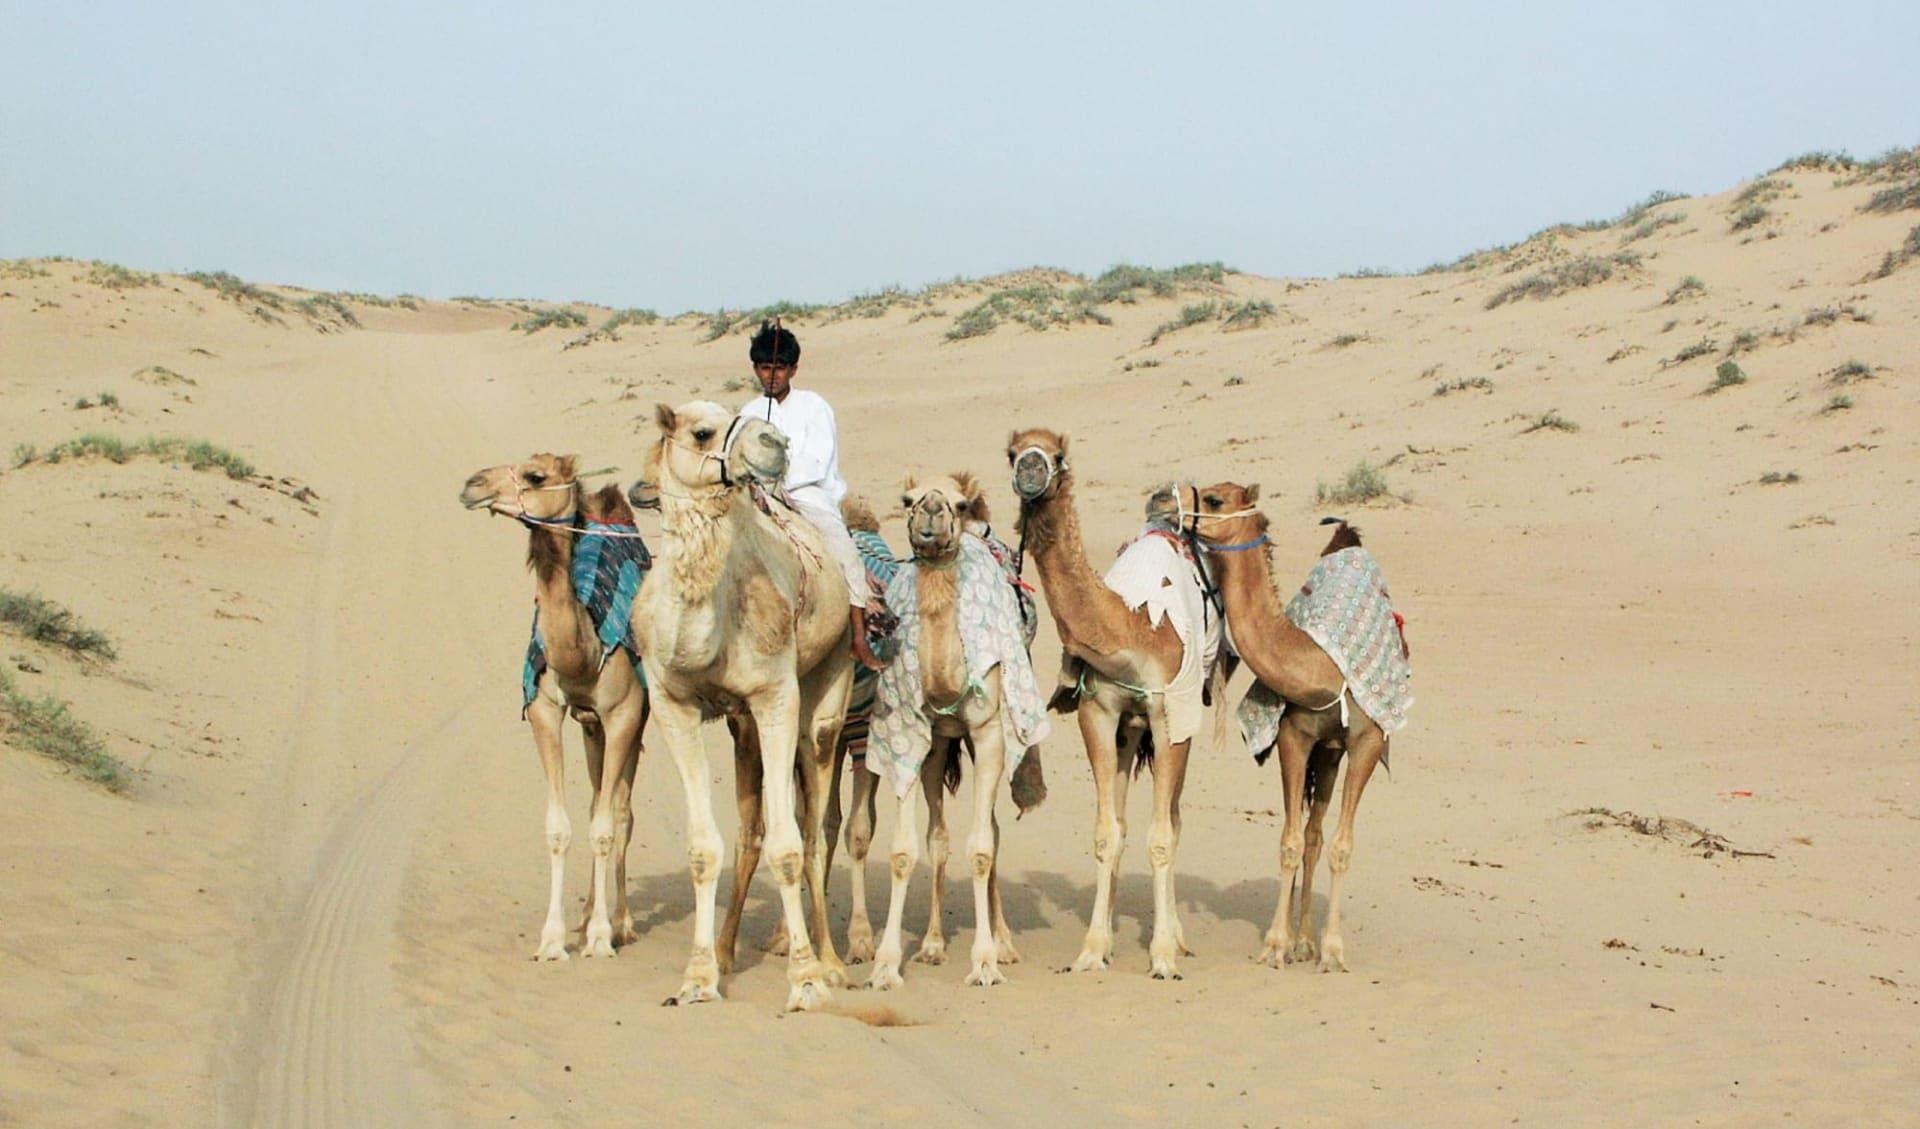 Auf den Spuren der alten Weihrauchroute ab Salalah: Camels in Oman